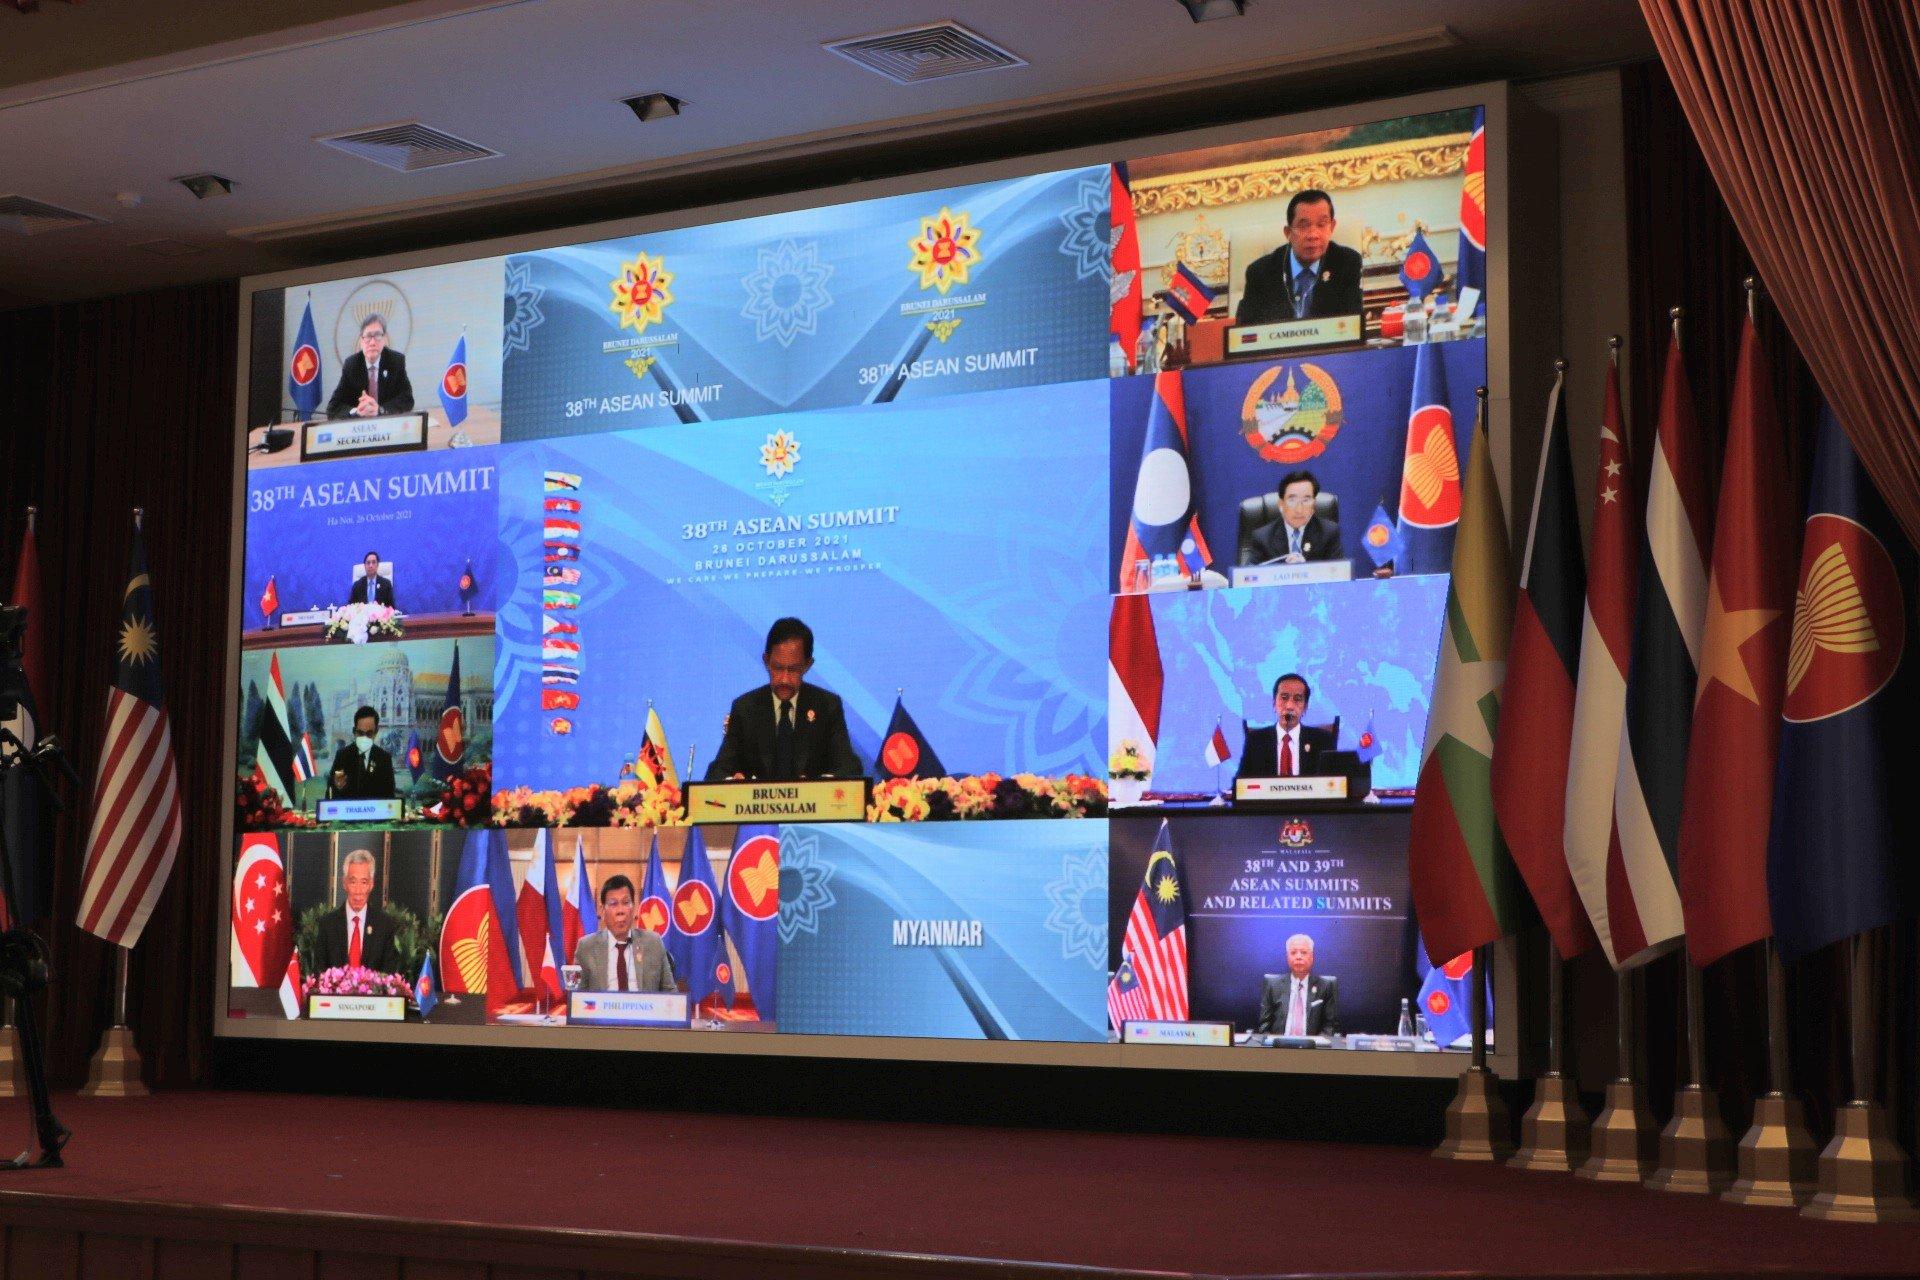 आसियान के नेताओं का तीन दिन का वर्चुअल सम्मेलन आज शुरू हुआ